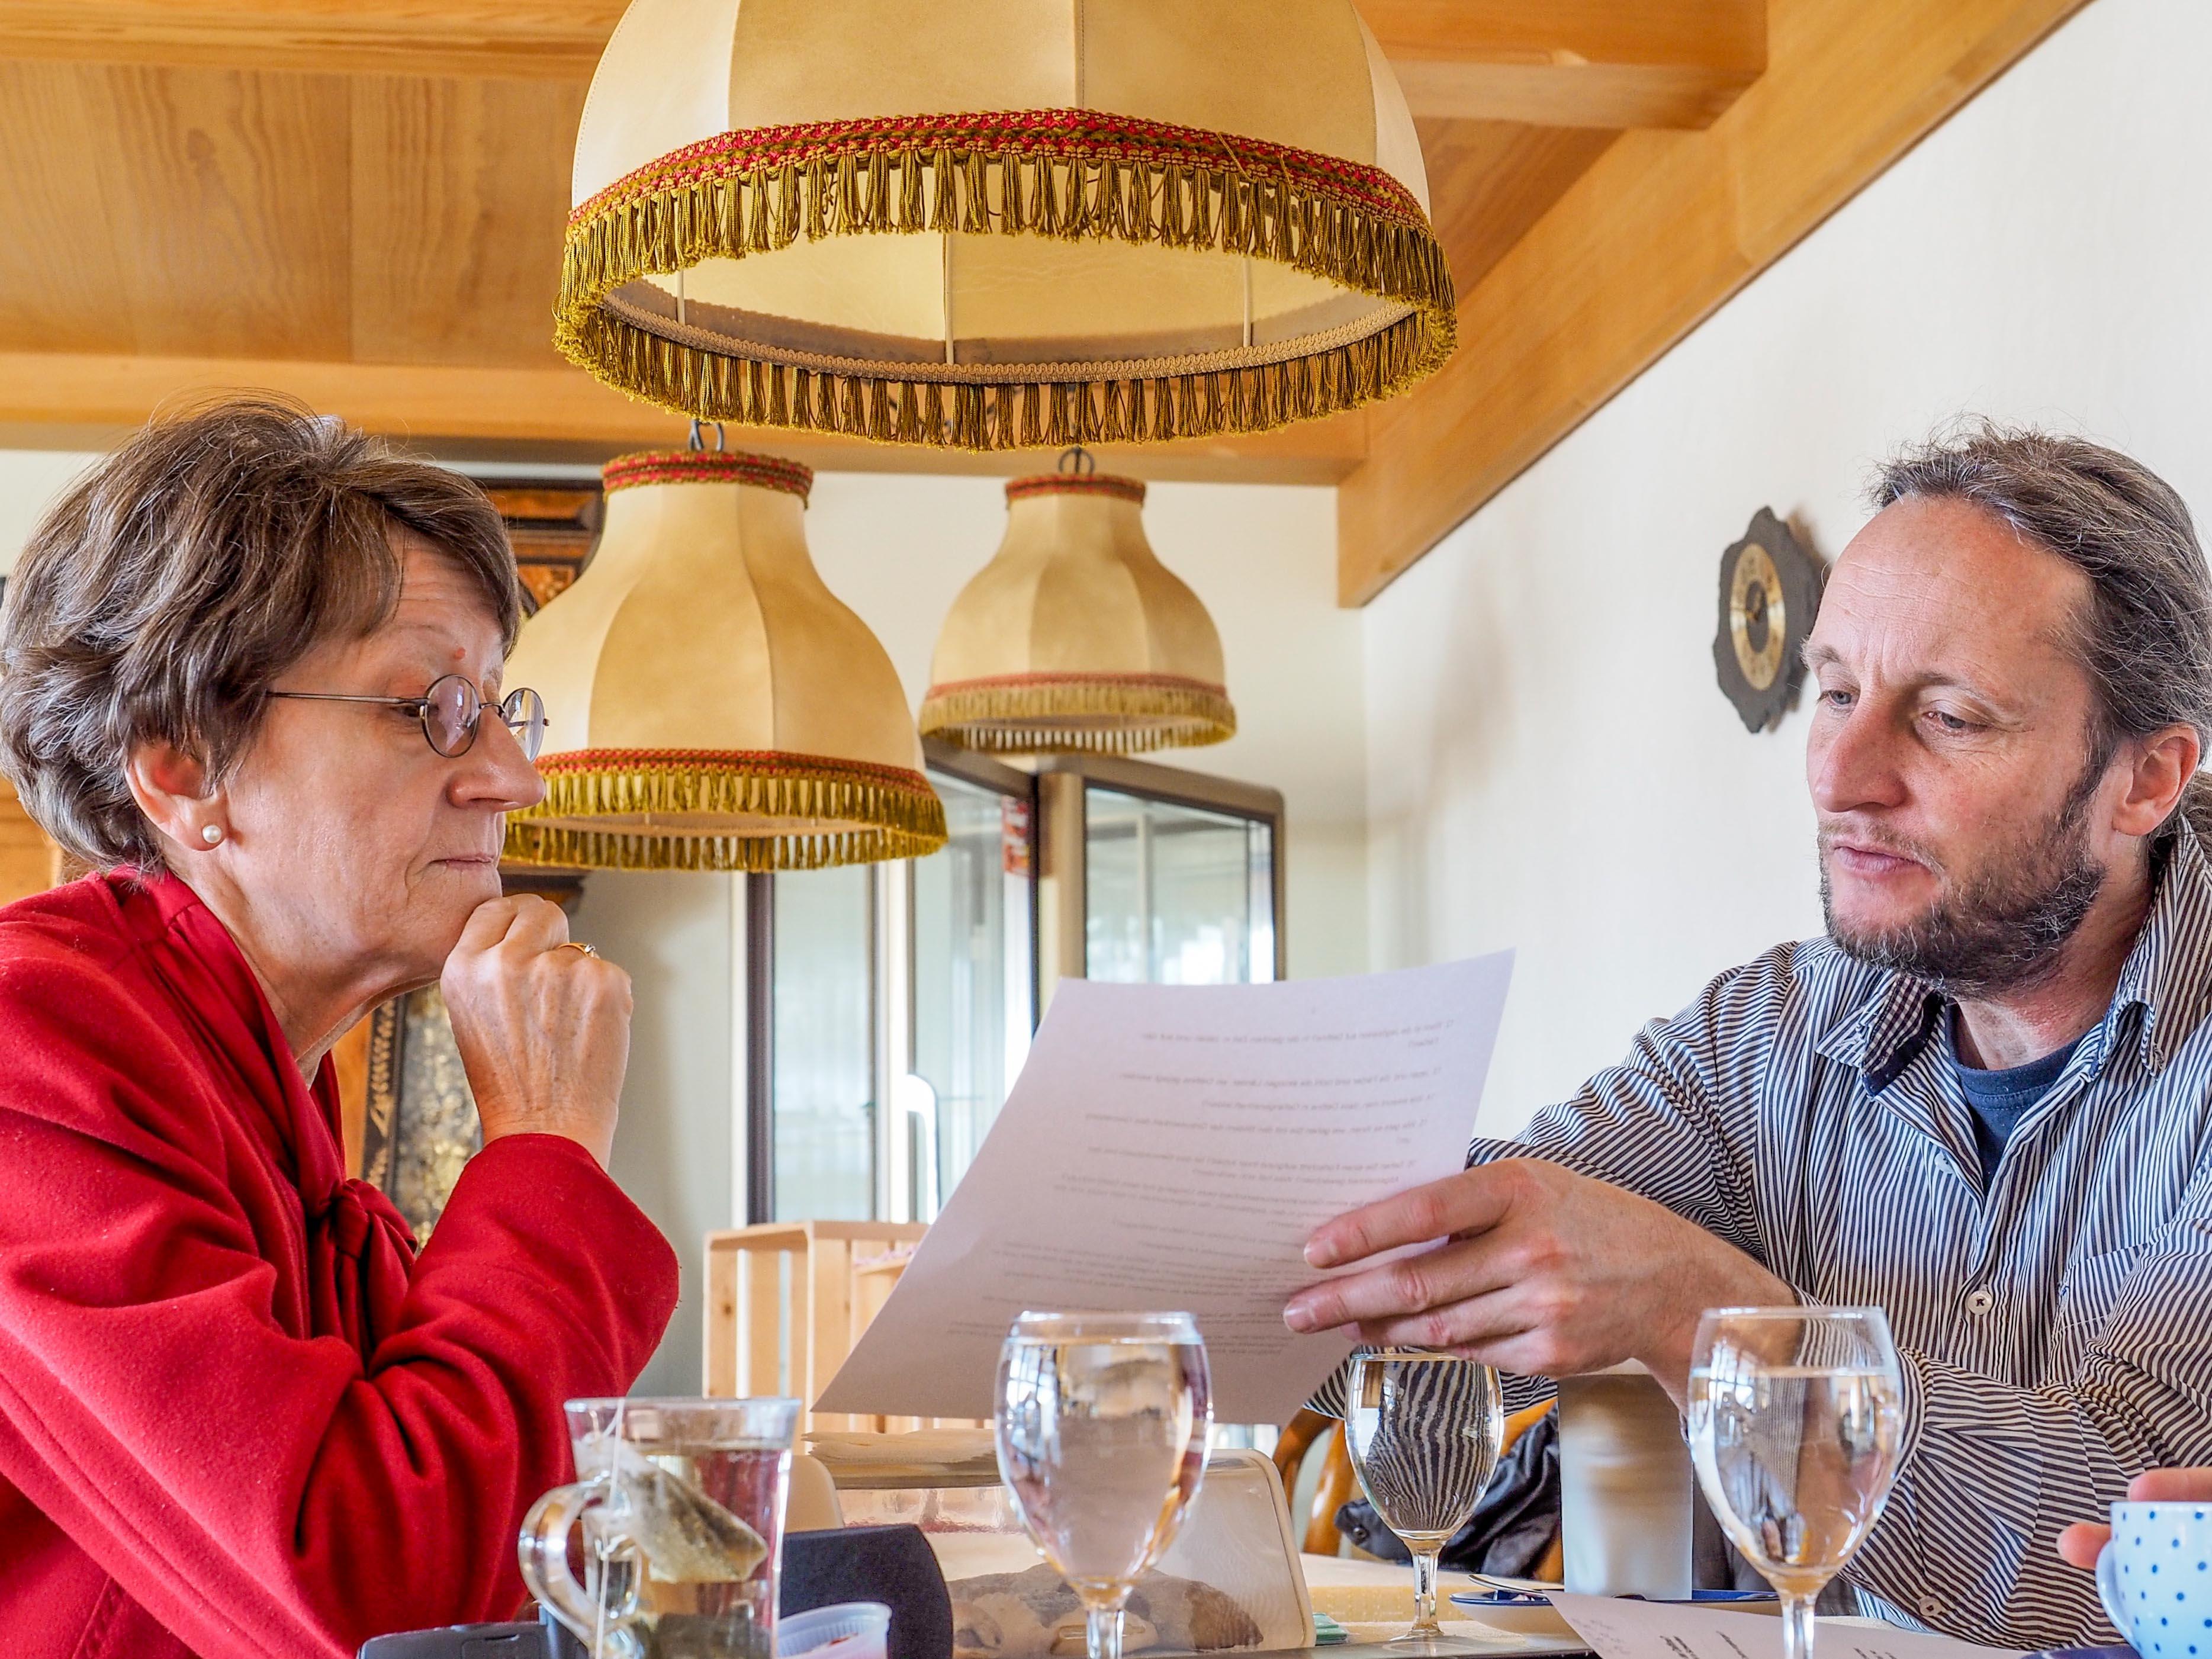 «und»-Autorin Barbara Tschopp im Gespräch mit Umweltjournalist Hans Peter Roth. – Bild: Paul Durrer